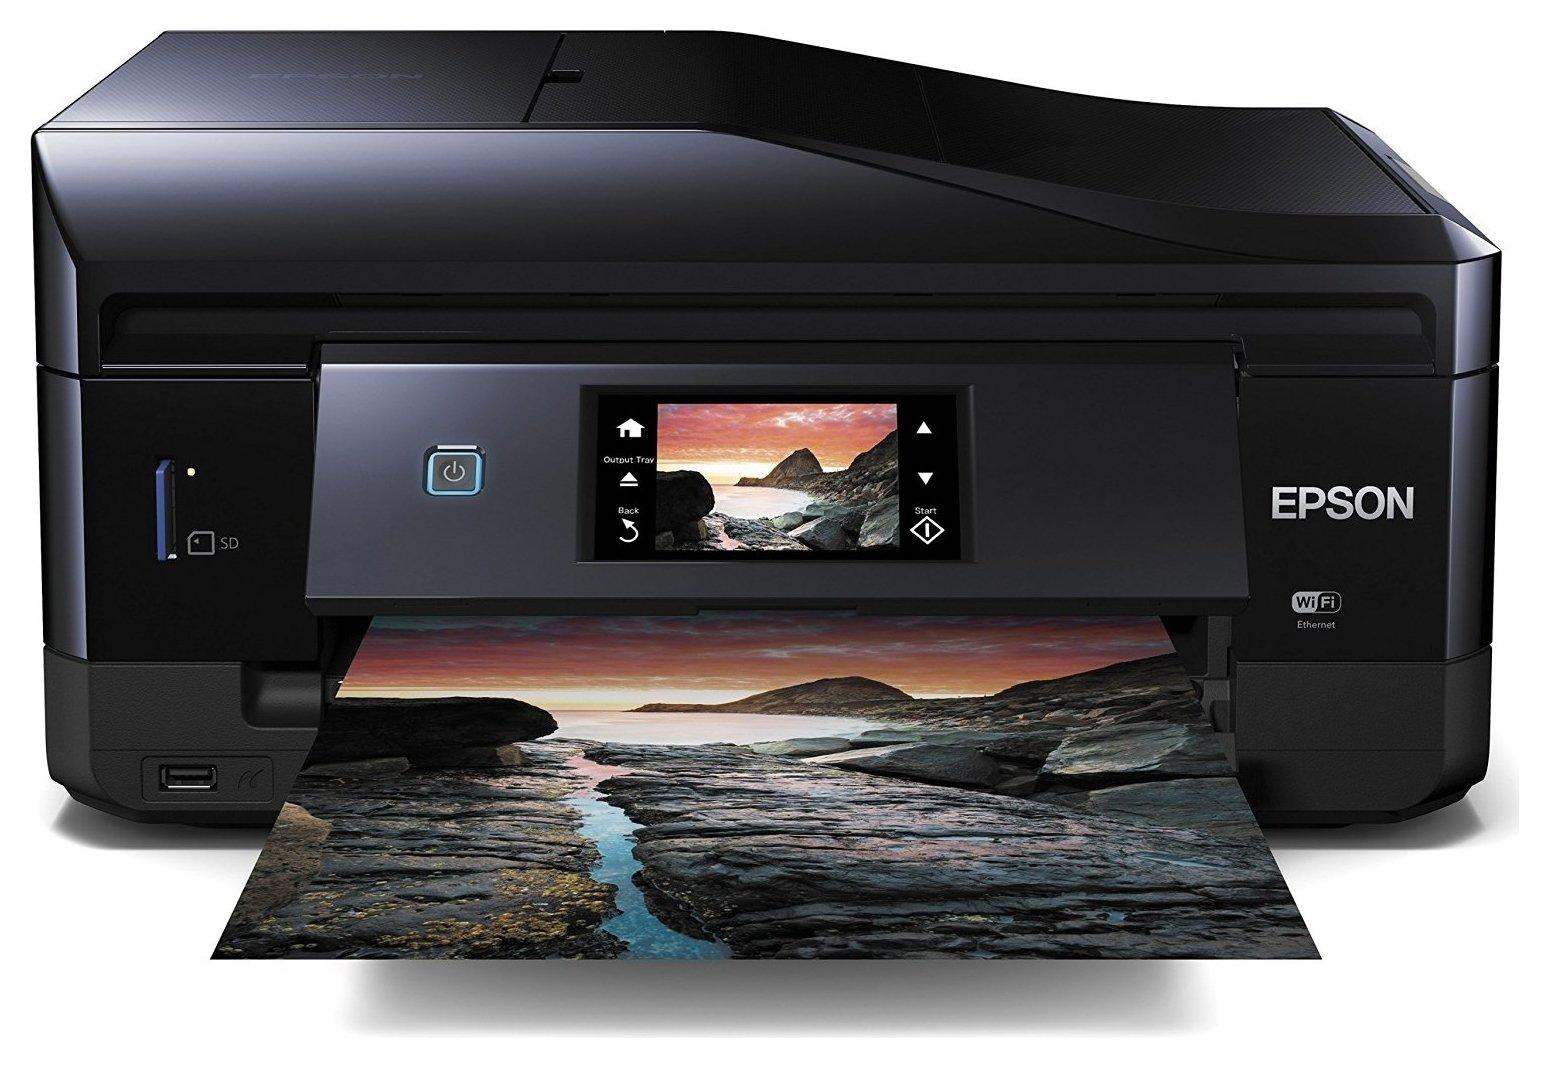 epson-expression-photo-xp-860-printer